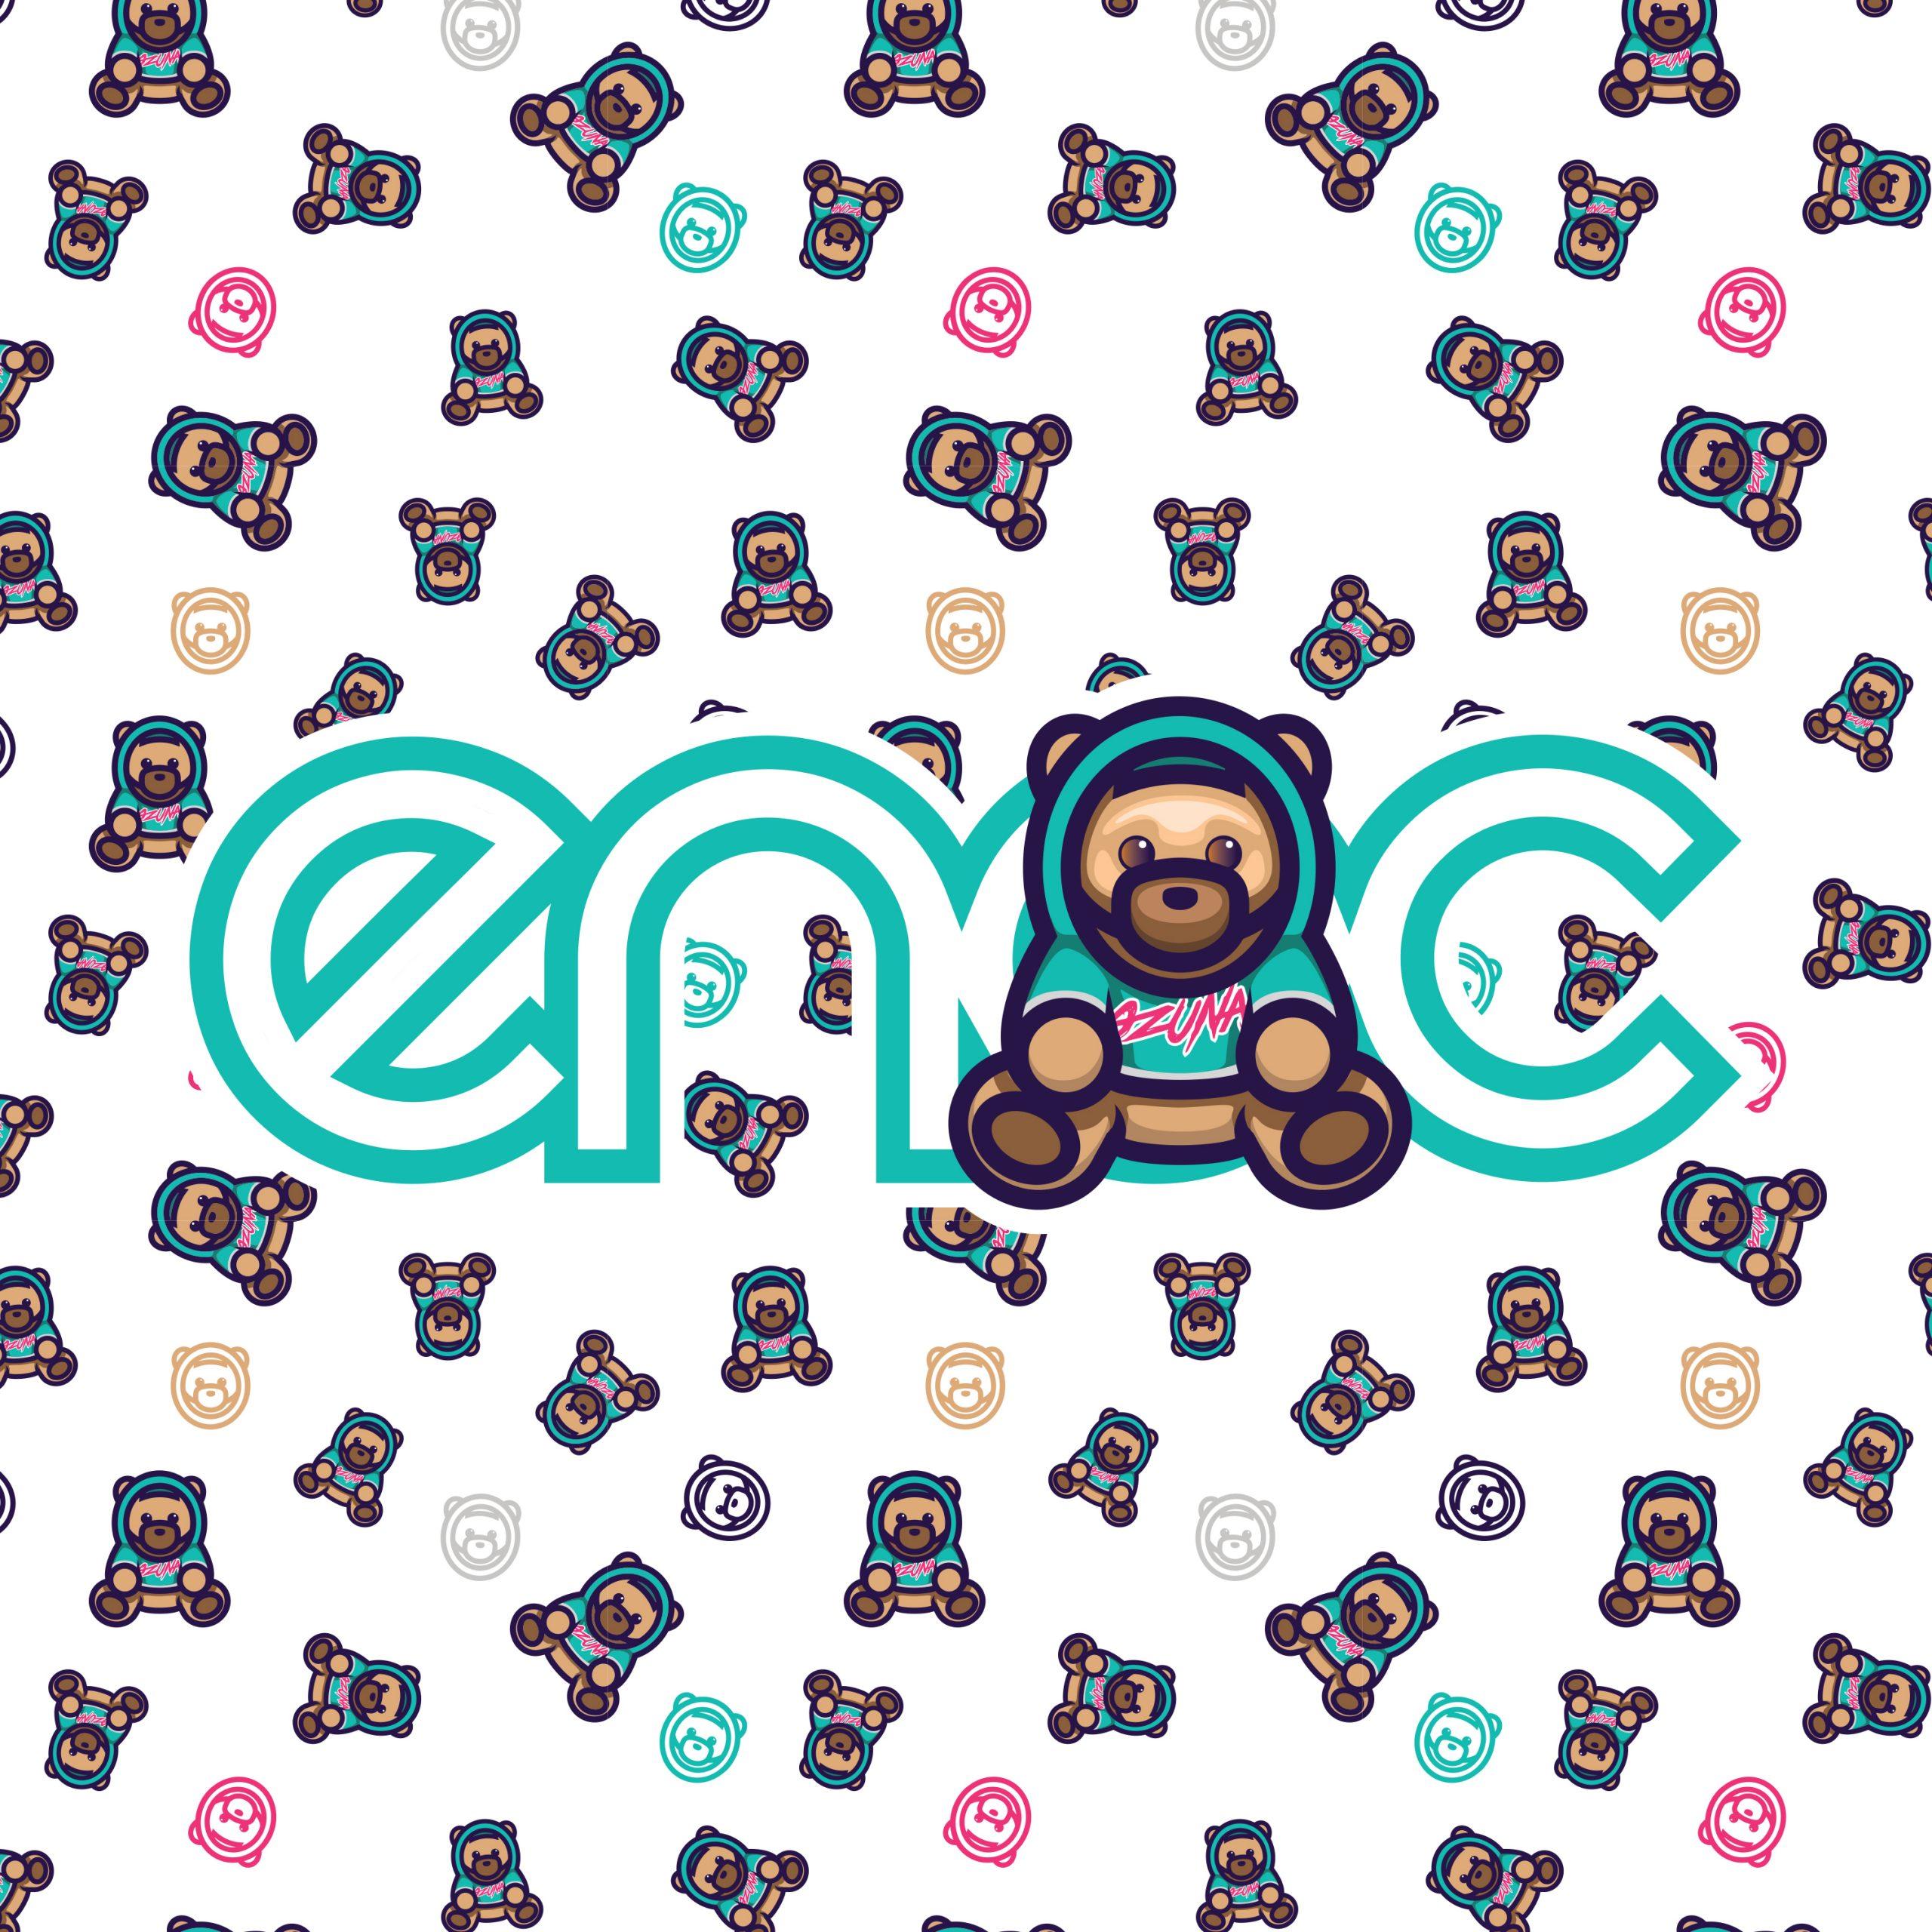 Enoc_3000x3000_300dpi